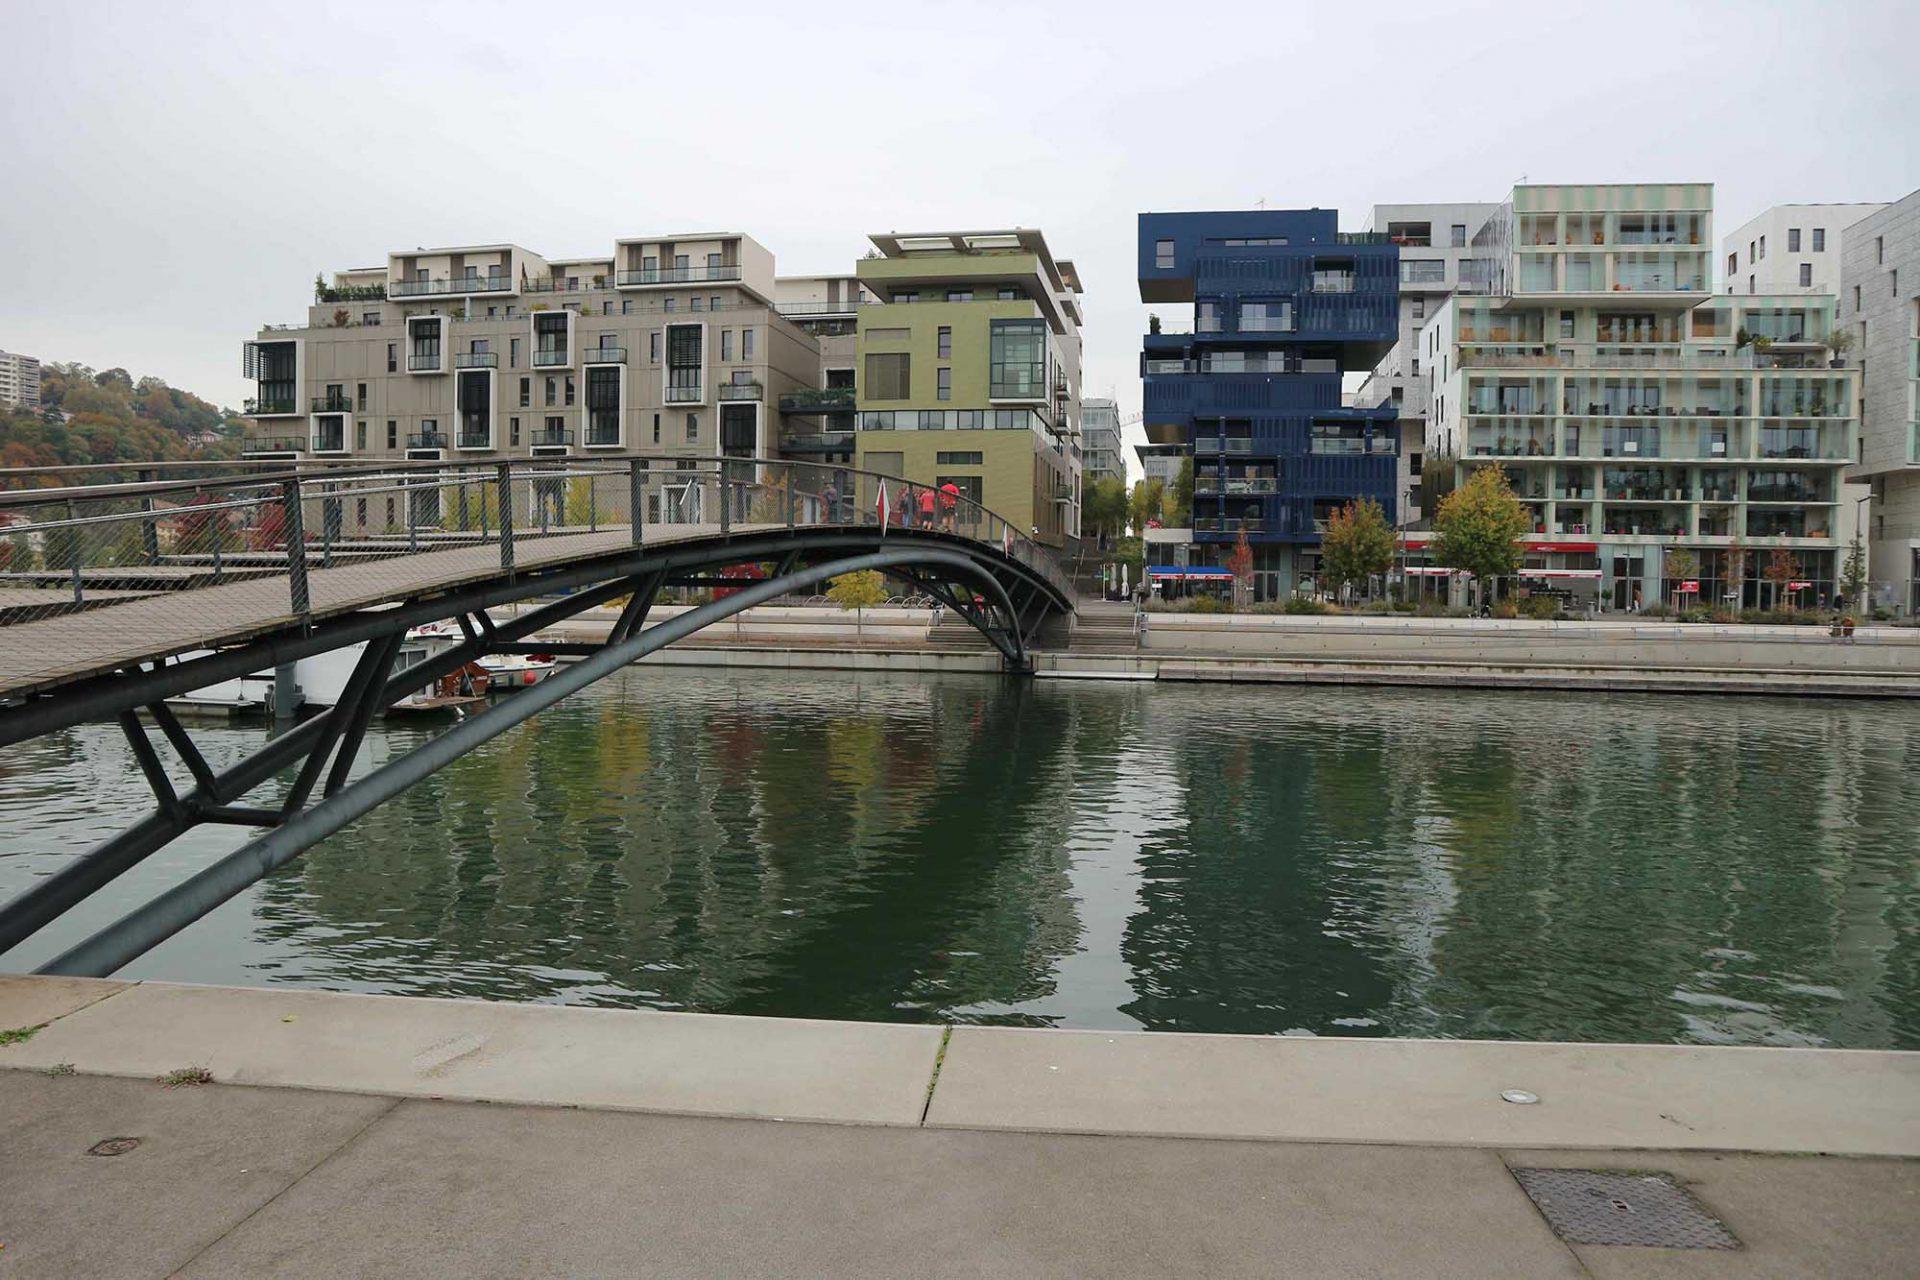 Place Nautique. Wo noch bis 2003 eine Industriebrache war, entstand in knapp anderthalb Jahrzehnten ein neues Wohn- und Büroviertel mit ambitionierter Architektur und hohem Anspruch an nachhaltiger und sozialer Stadtplanung.